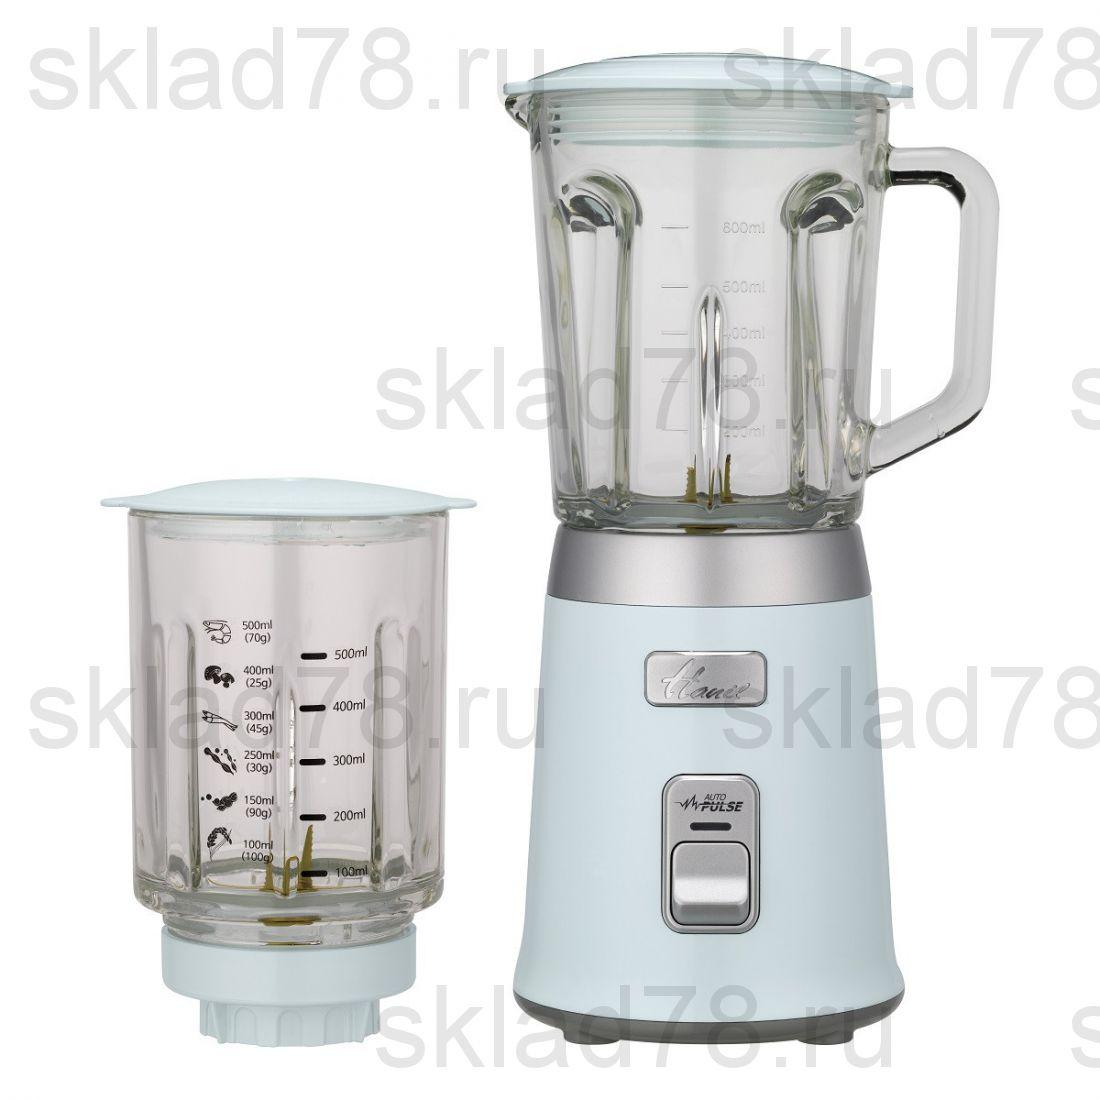 Блендер Hanil GMFC-670 (стационарный со стеклянной чашей)